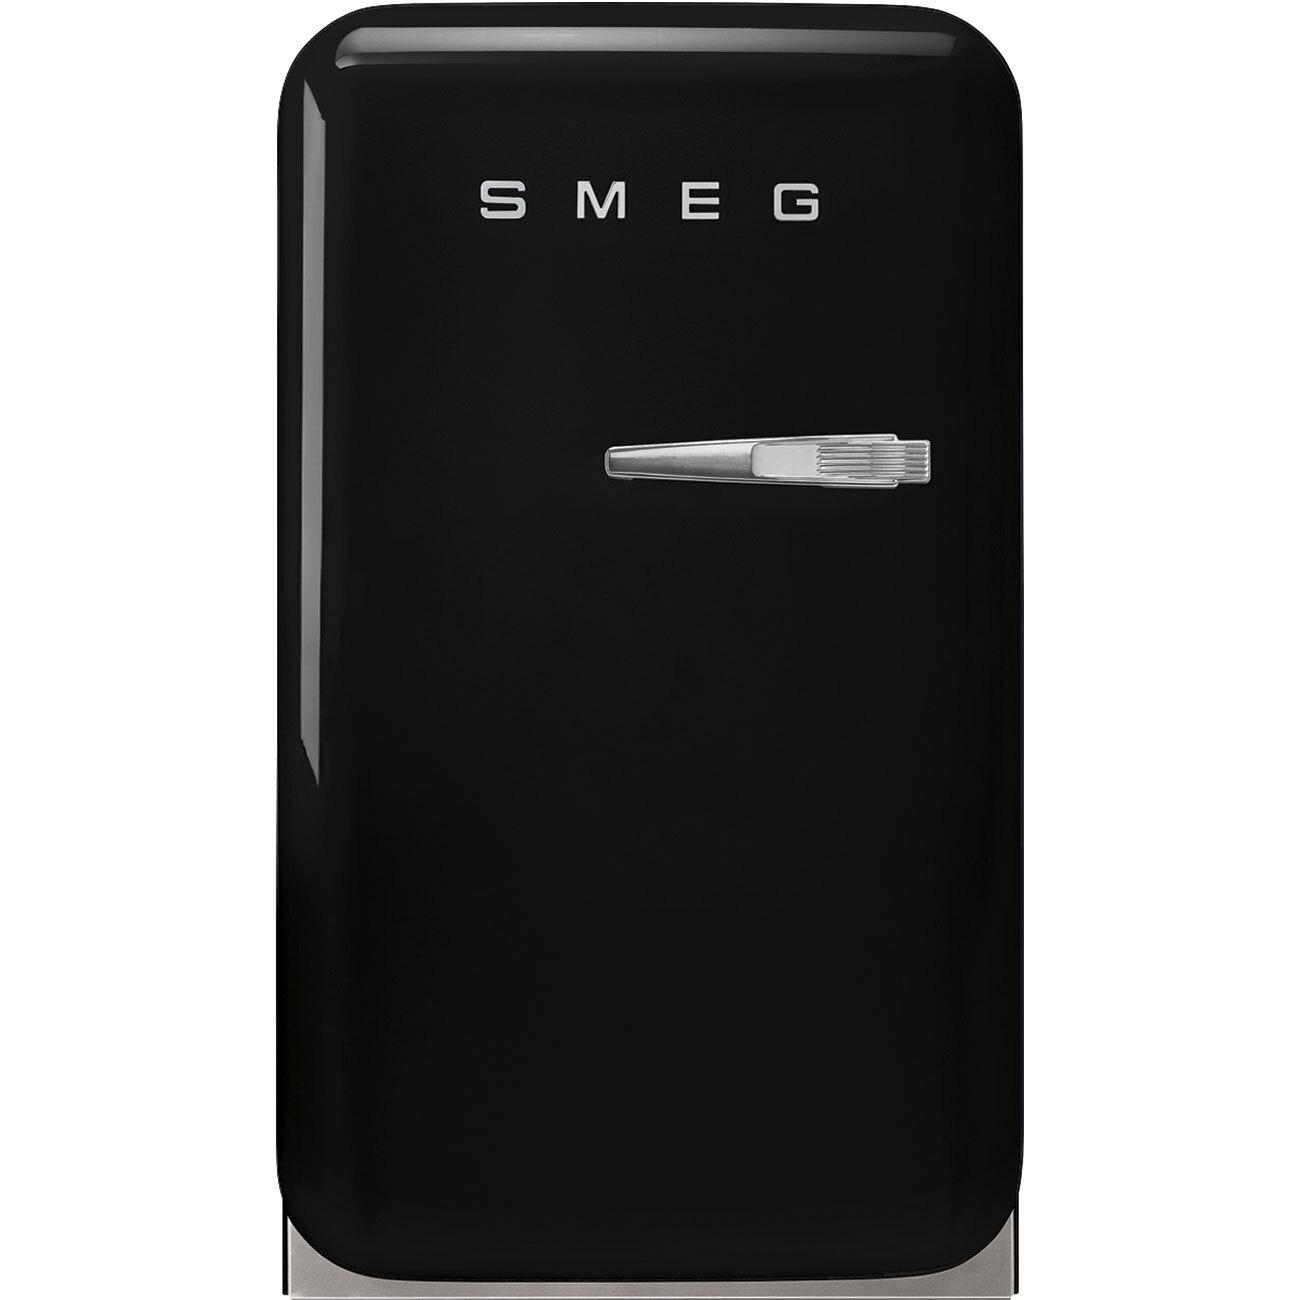 SmegRefrigerator Black Fab5ulbl3